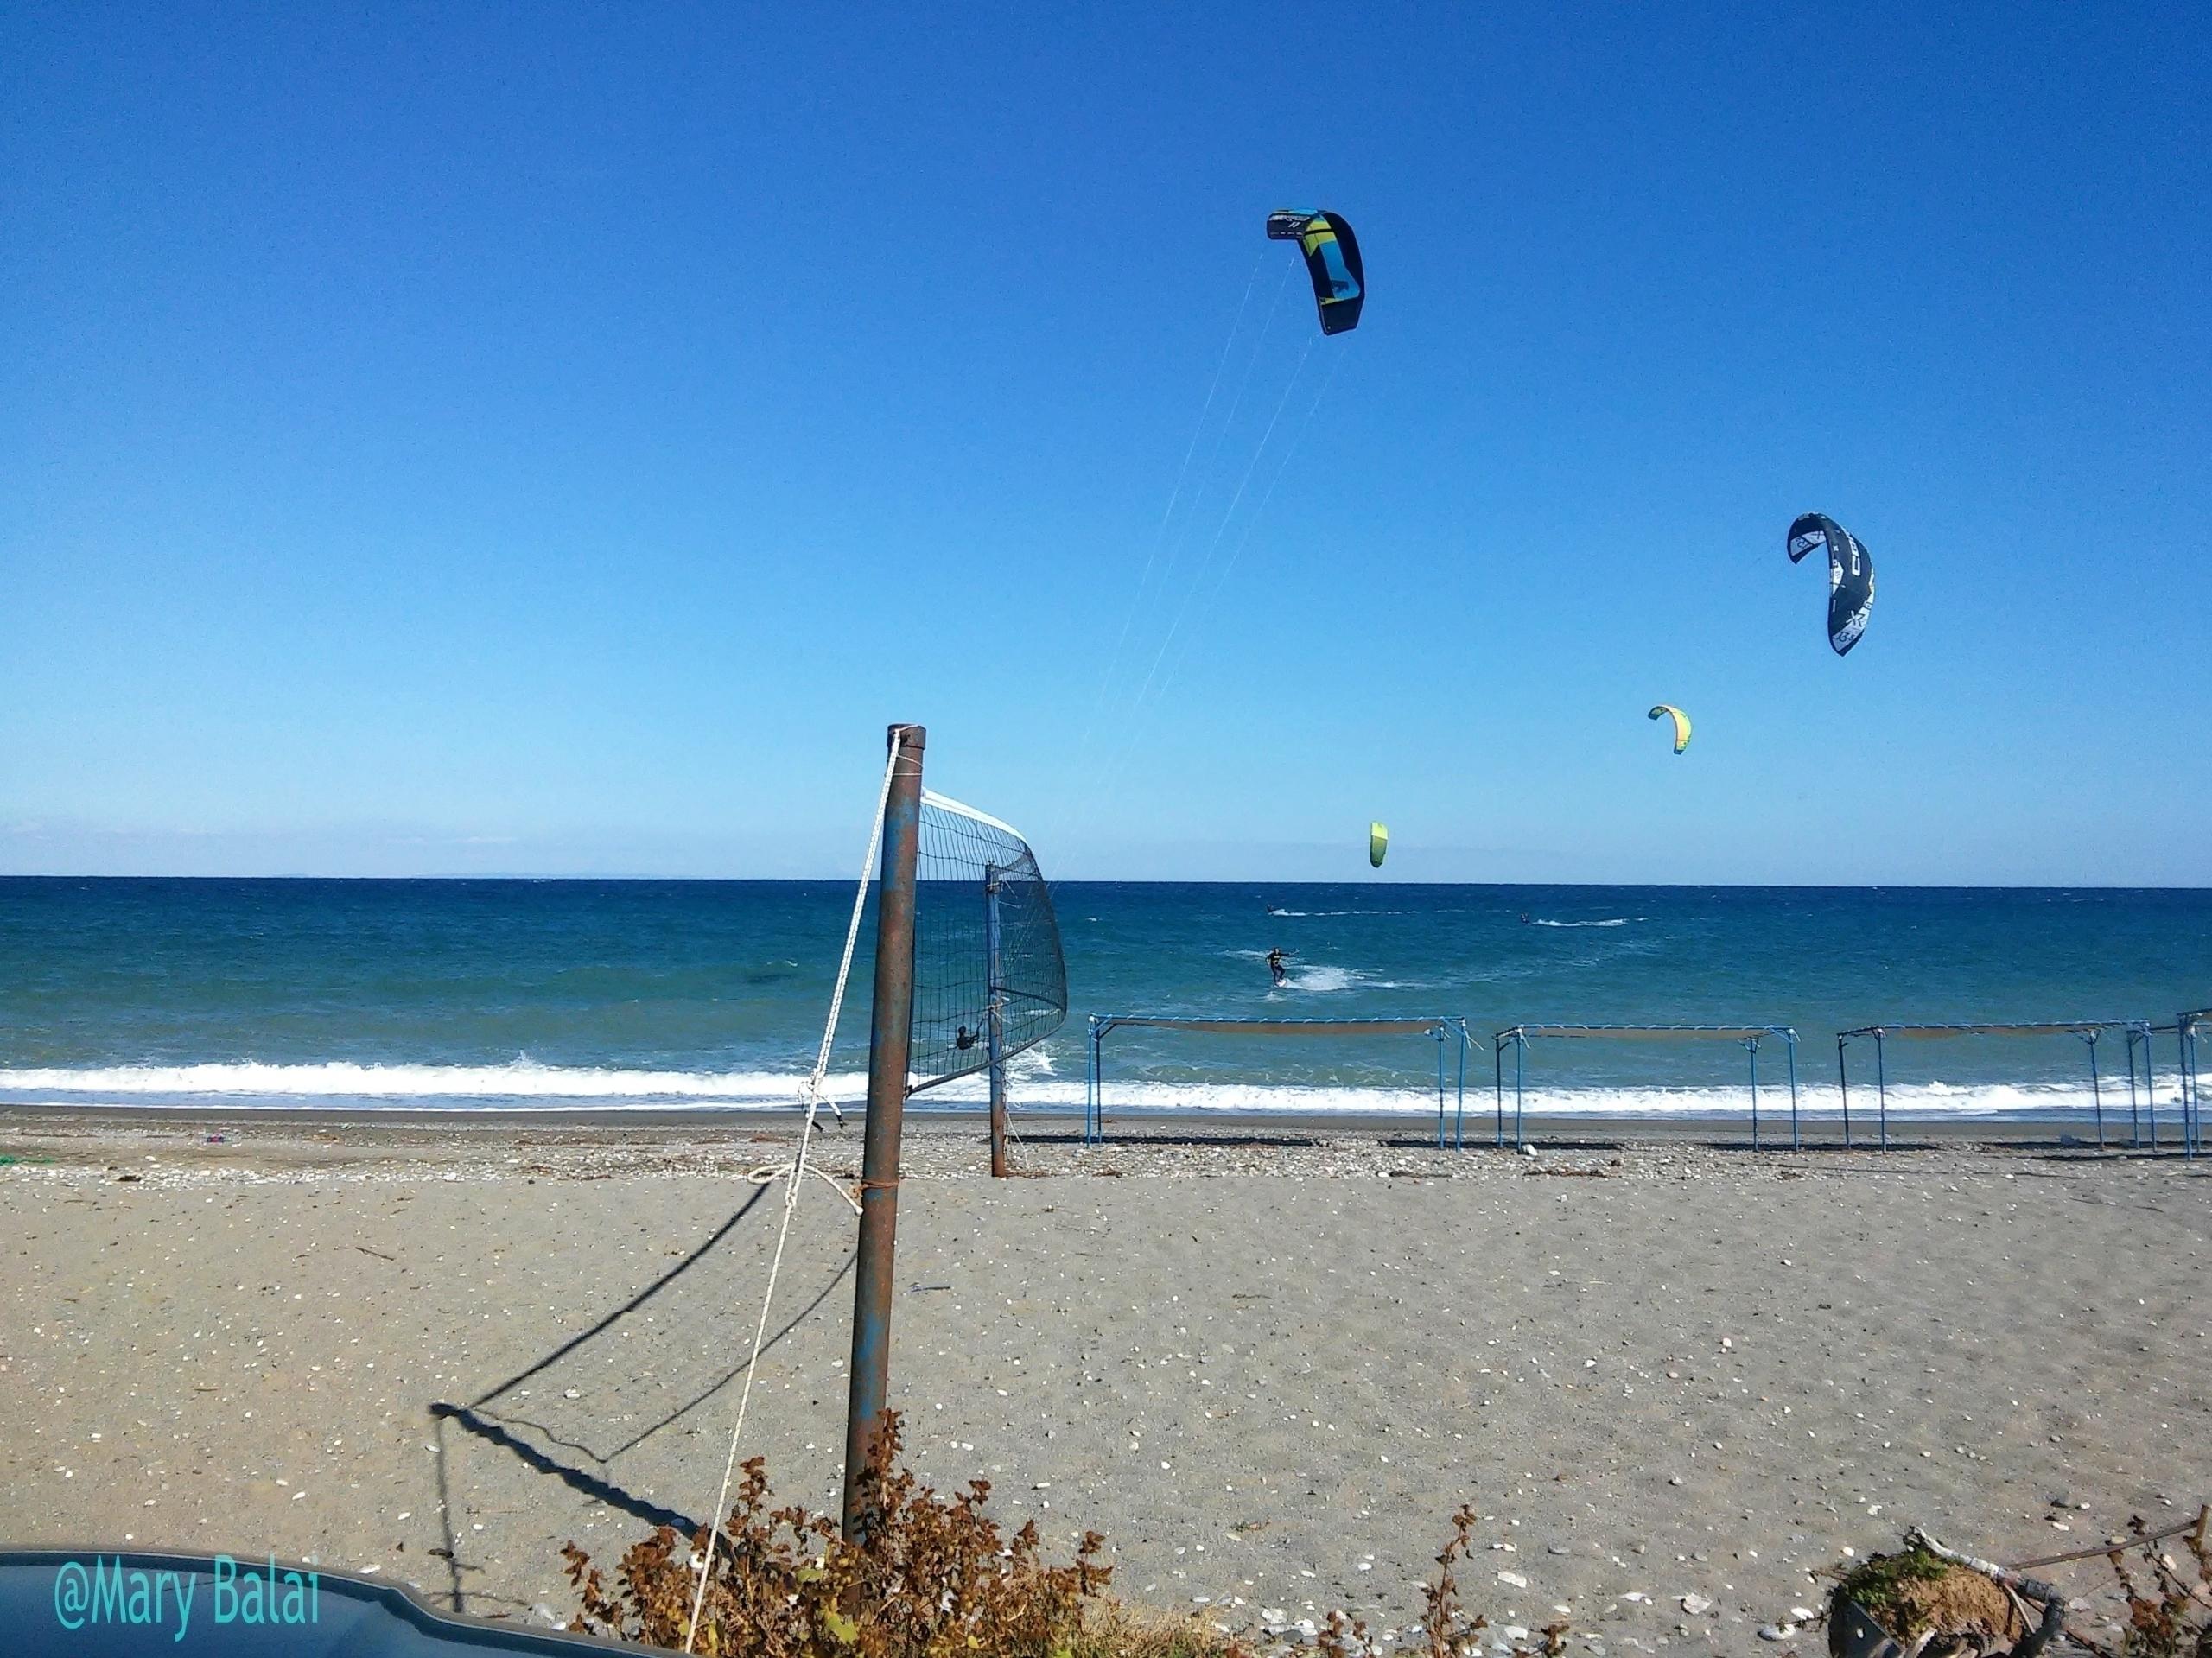 Kite surfing guys. wonderful la - mairoularissa | ello